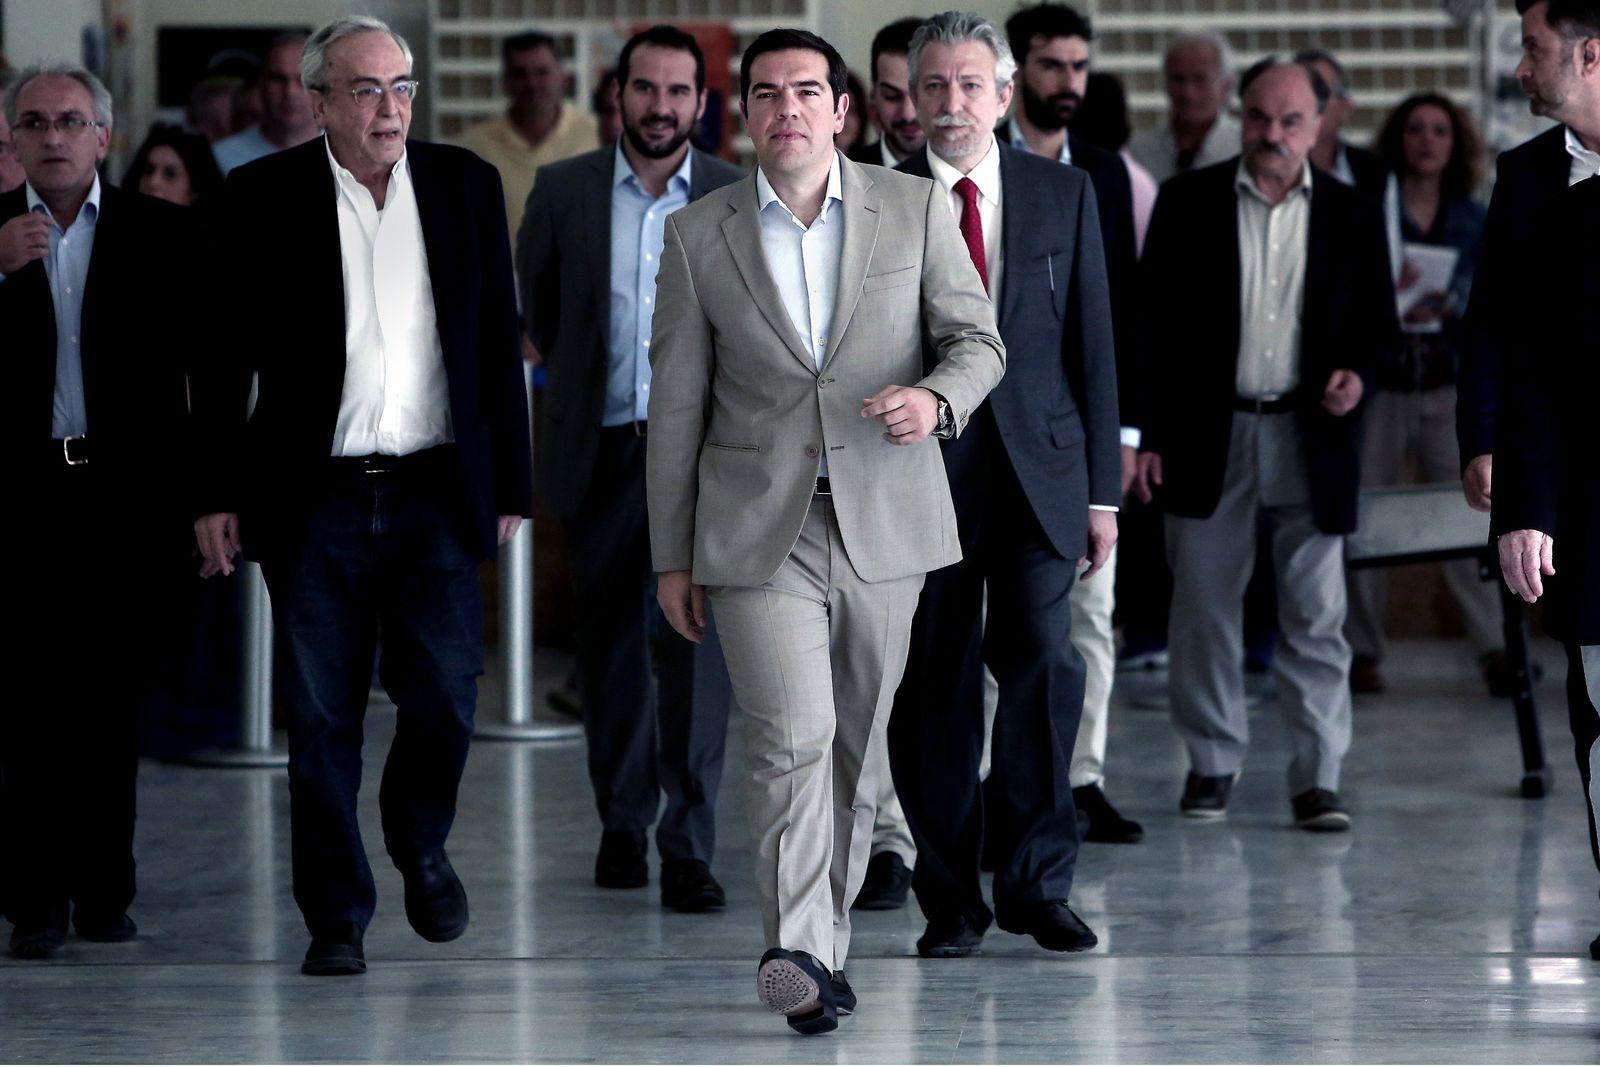 GREECE-ECONOMY-POLITICS-EU